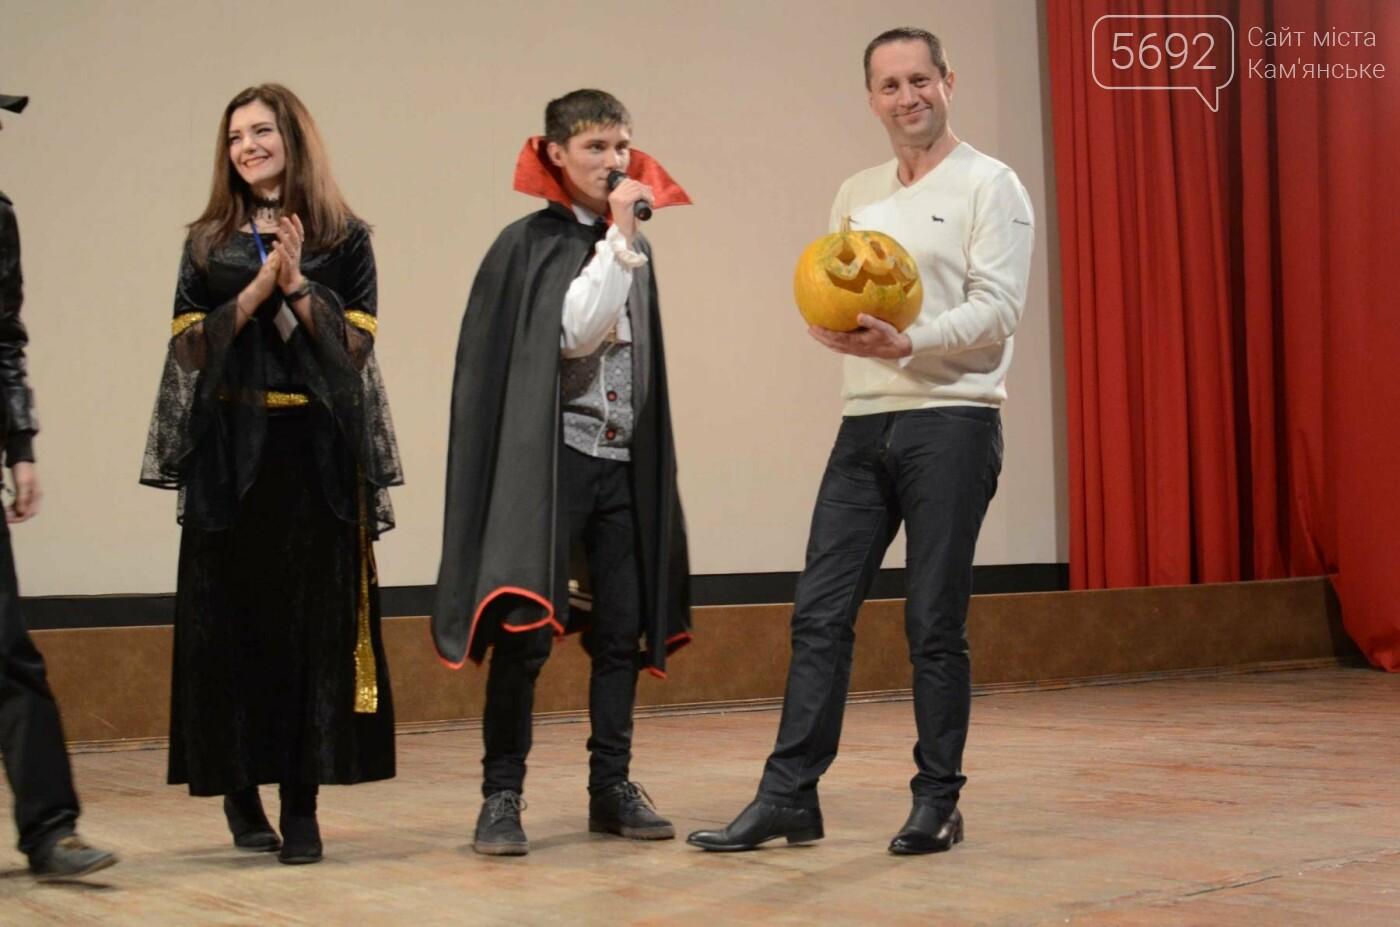 Ночь кино в Каменском посвятили Хэллоуину, фото-26